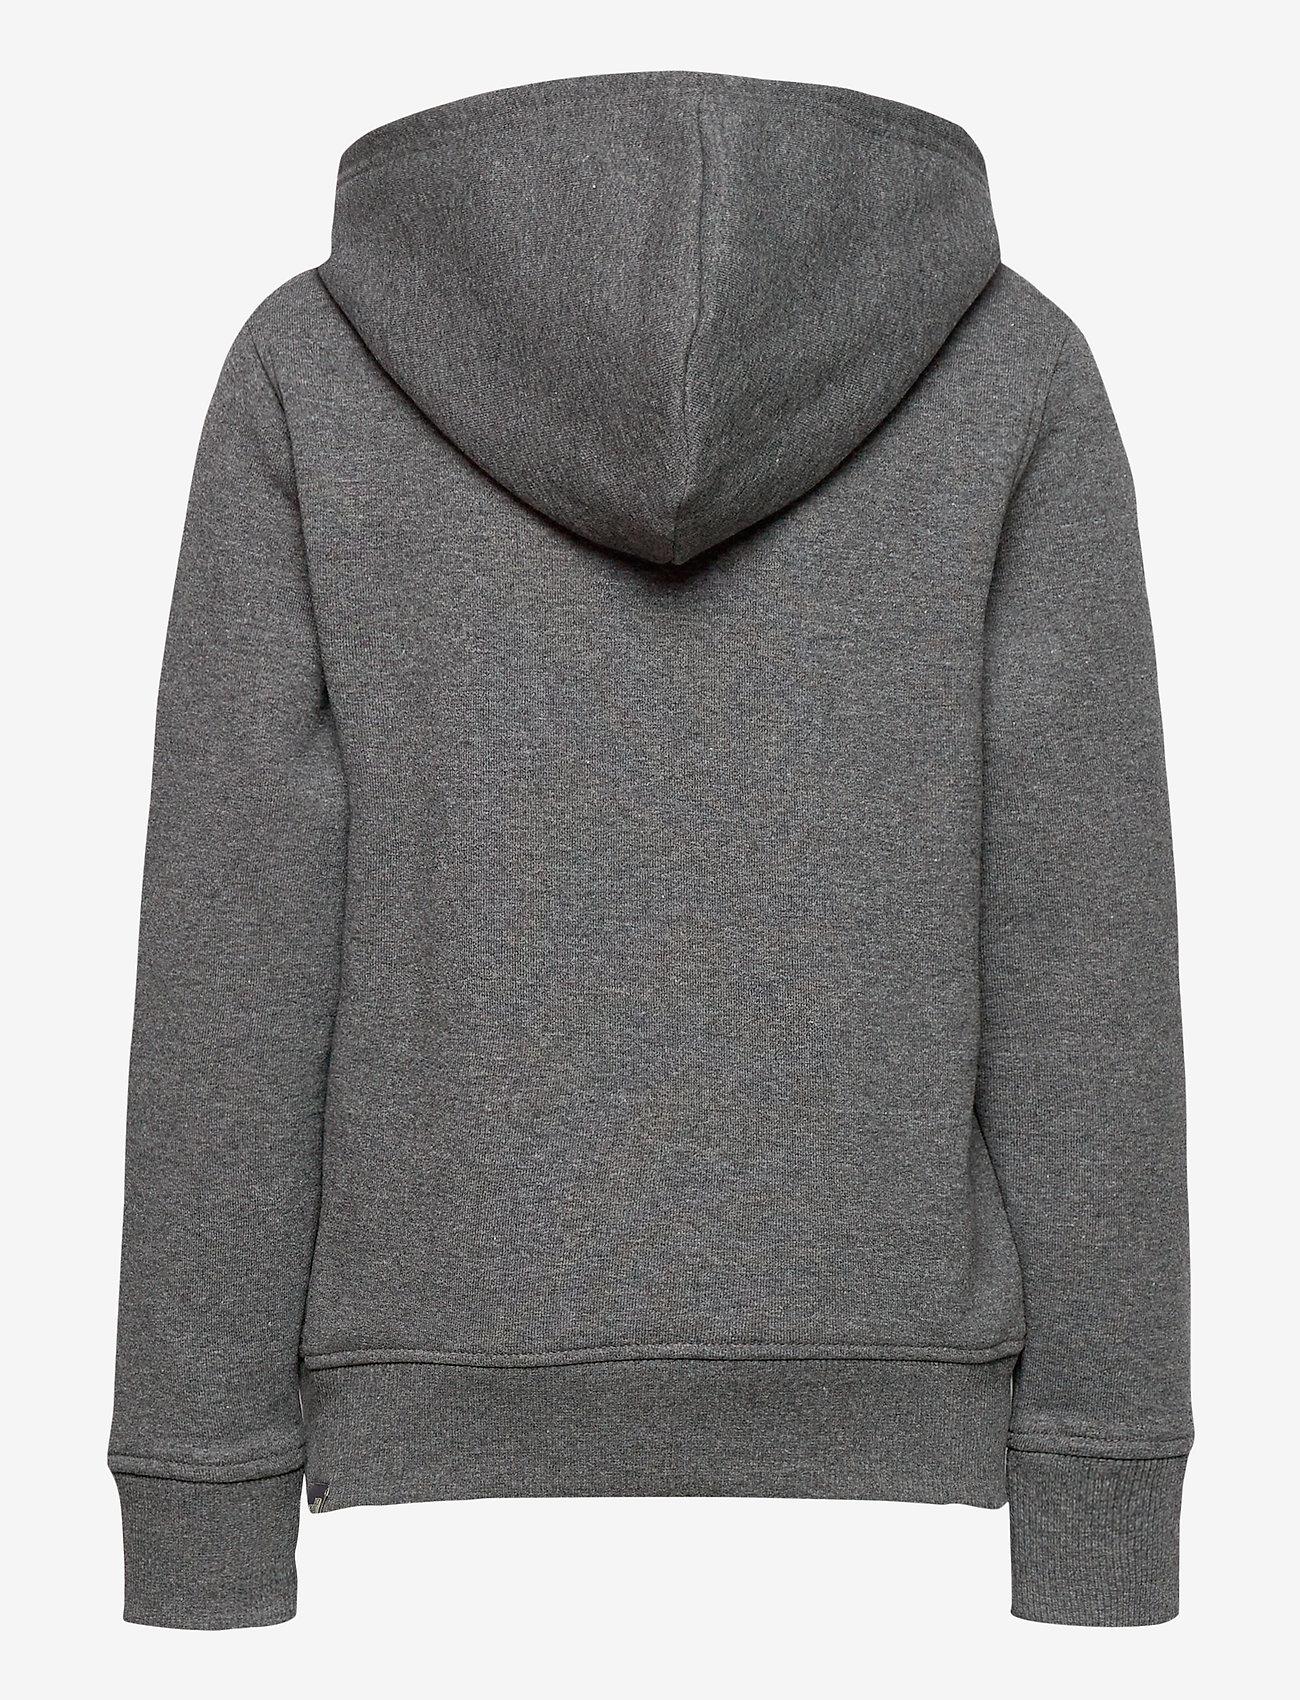 The North Face - Y DREW PEAK P/O HD - hoodies - tnf medium grey heather - 1